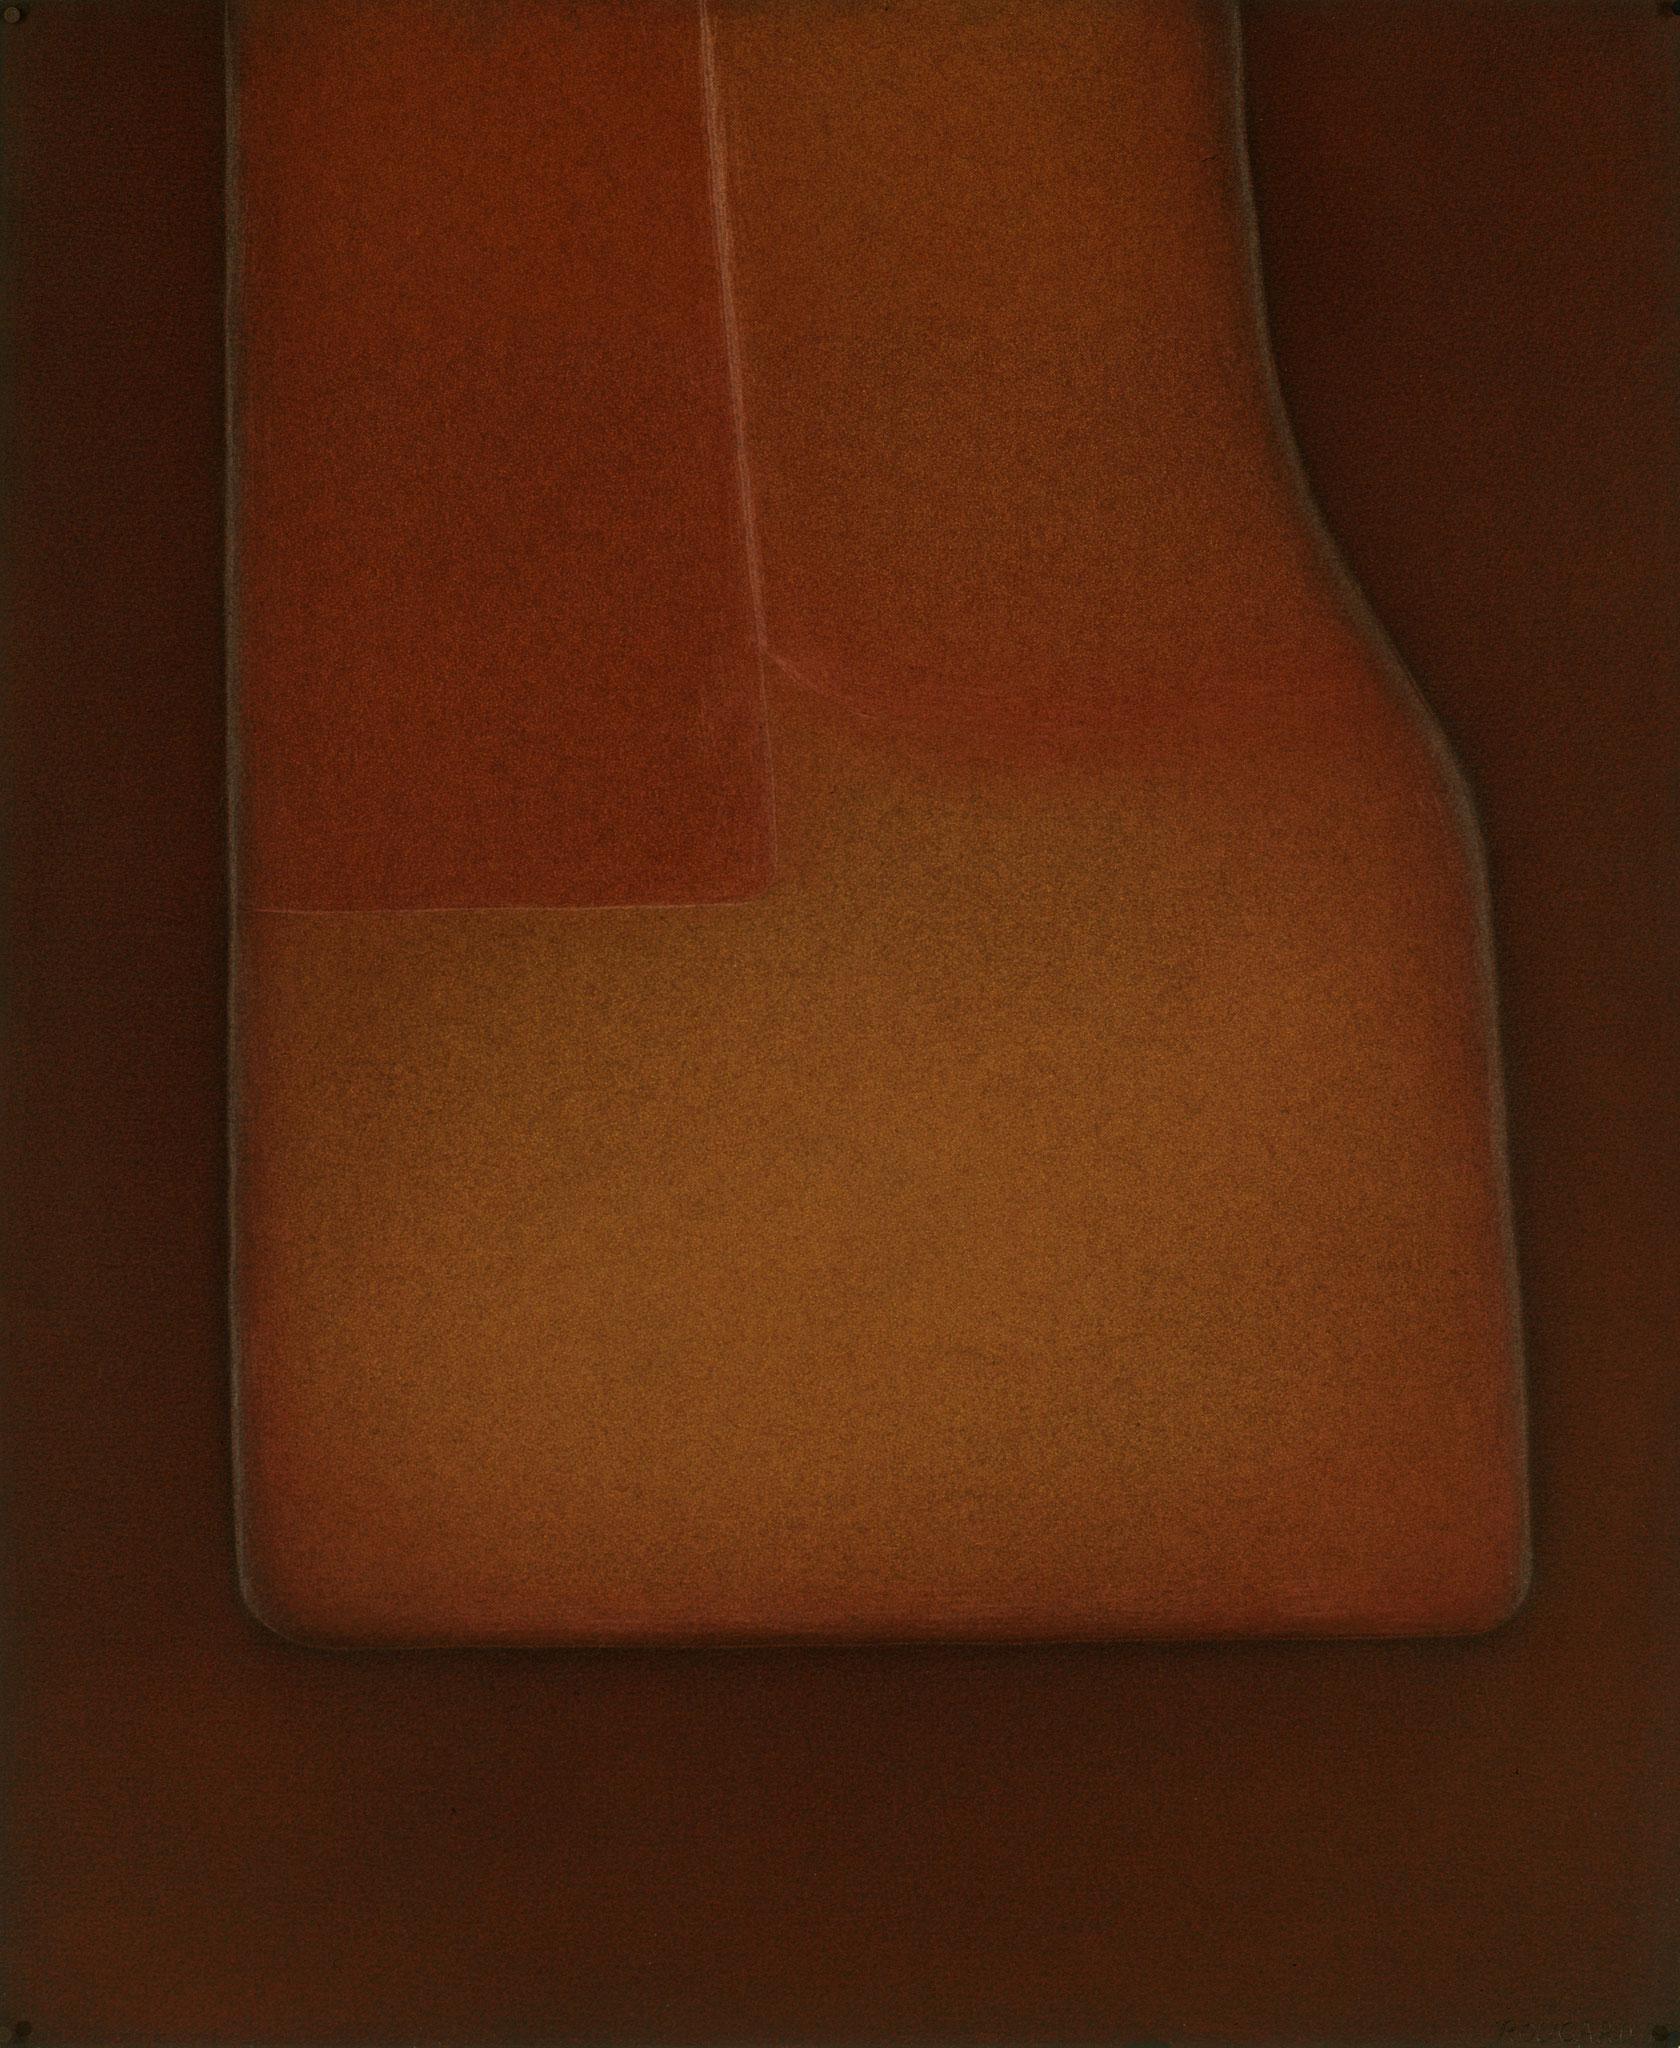 1977. 69,7 x 58 cm. Papier en relief avec encres d'imprimerie.